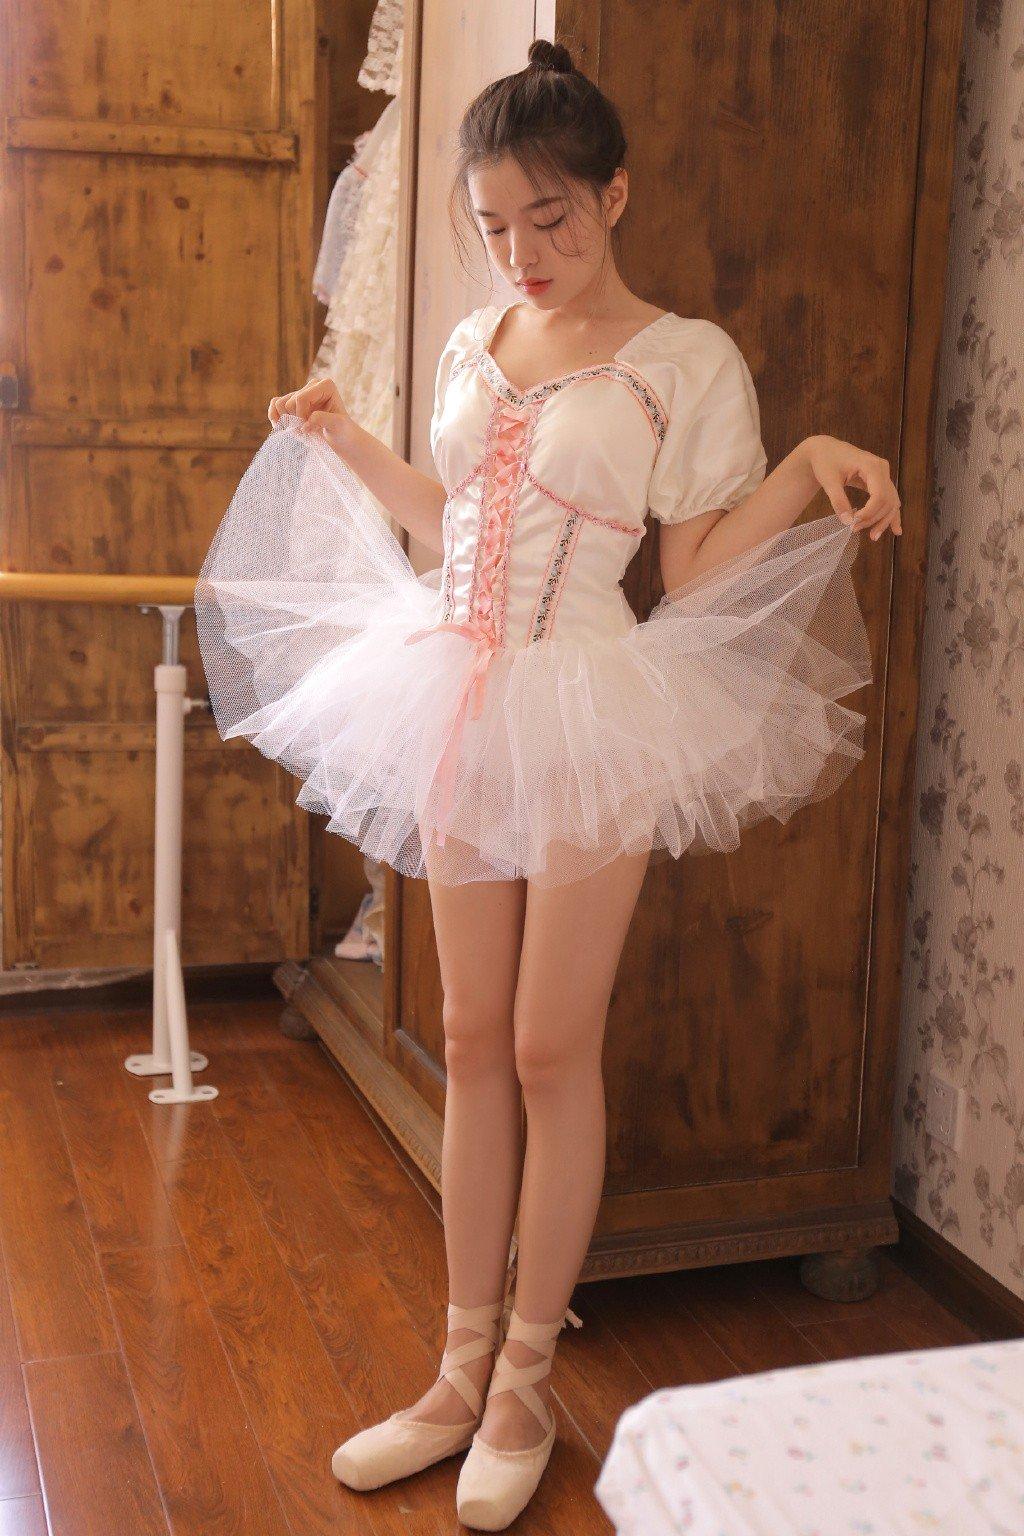 舞蹈美女蕾丝超短裙性感诱人写真